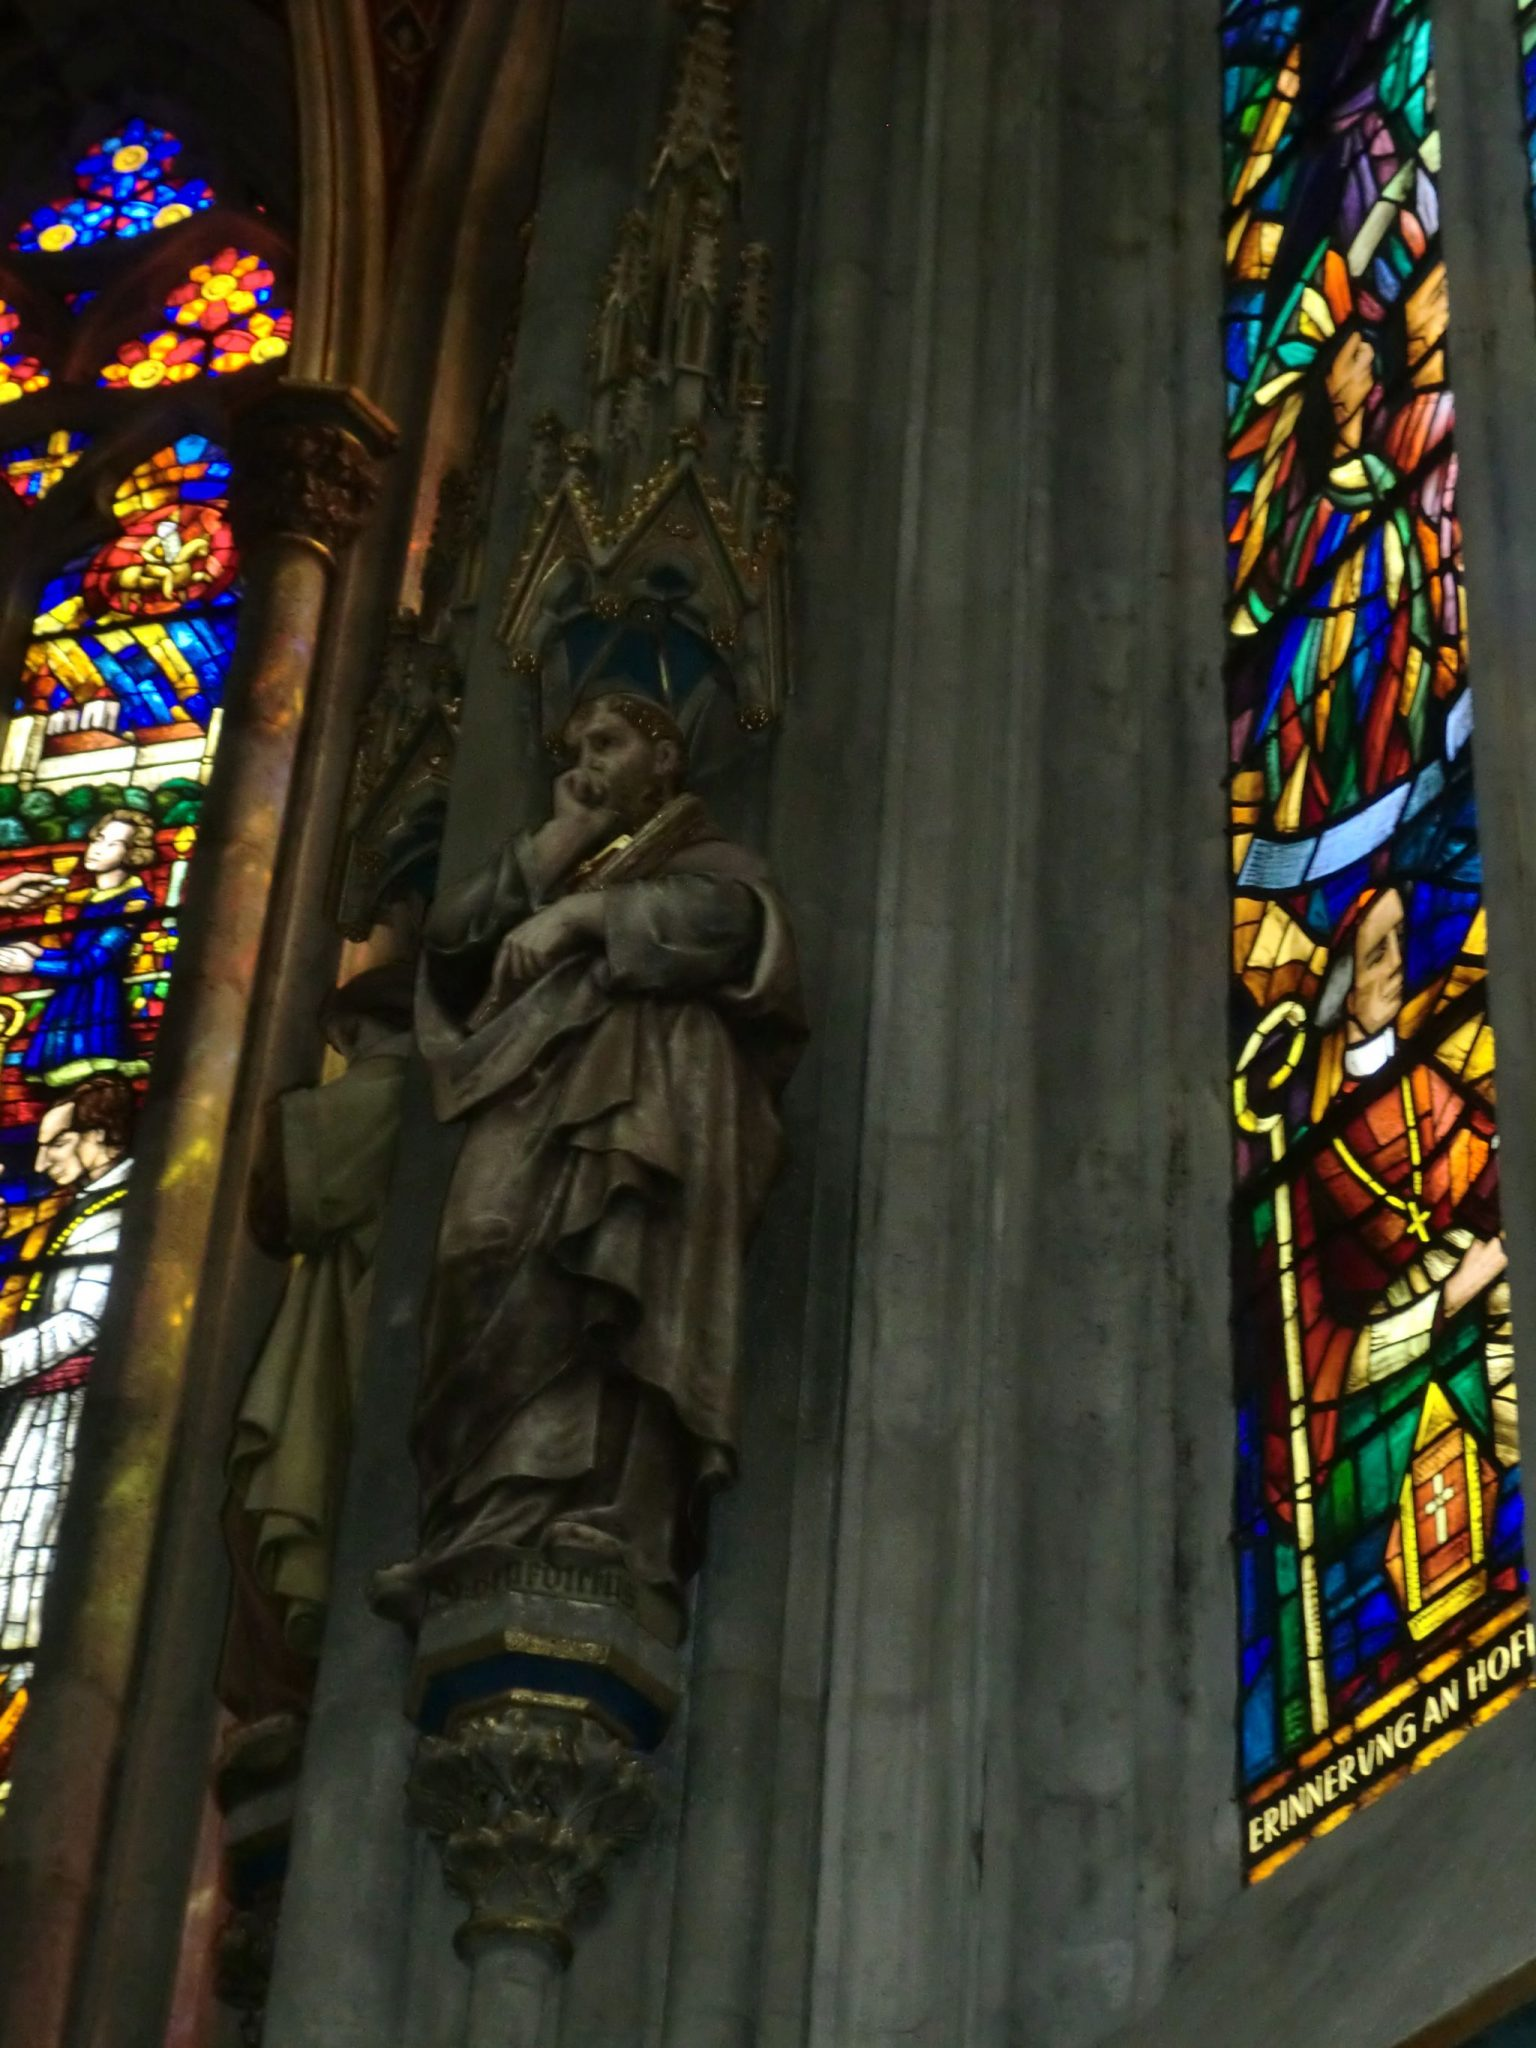 Vienna cathedral 14 1440x1920 - Vienna: elegant beauty